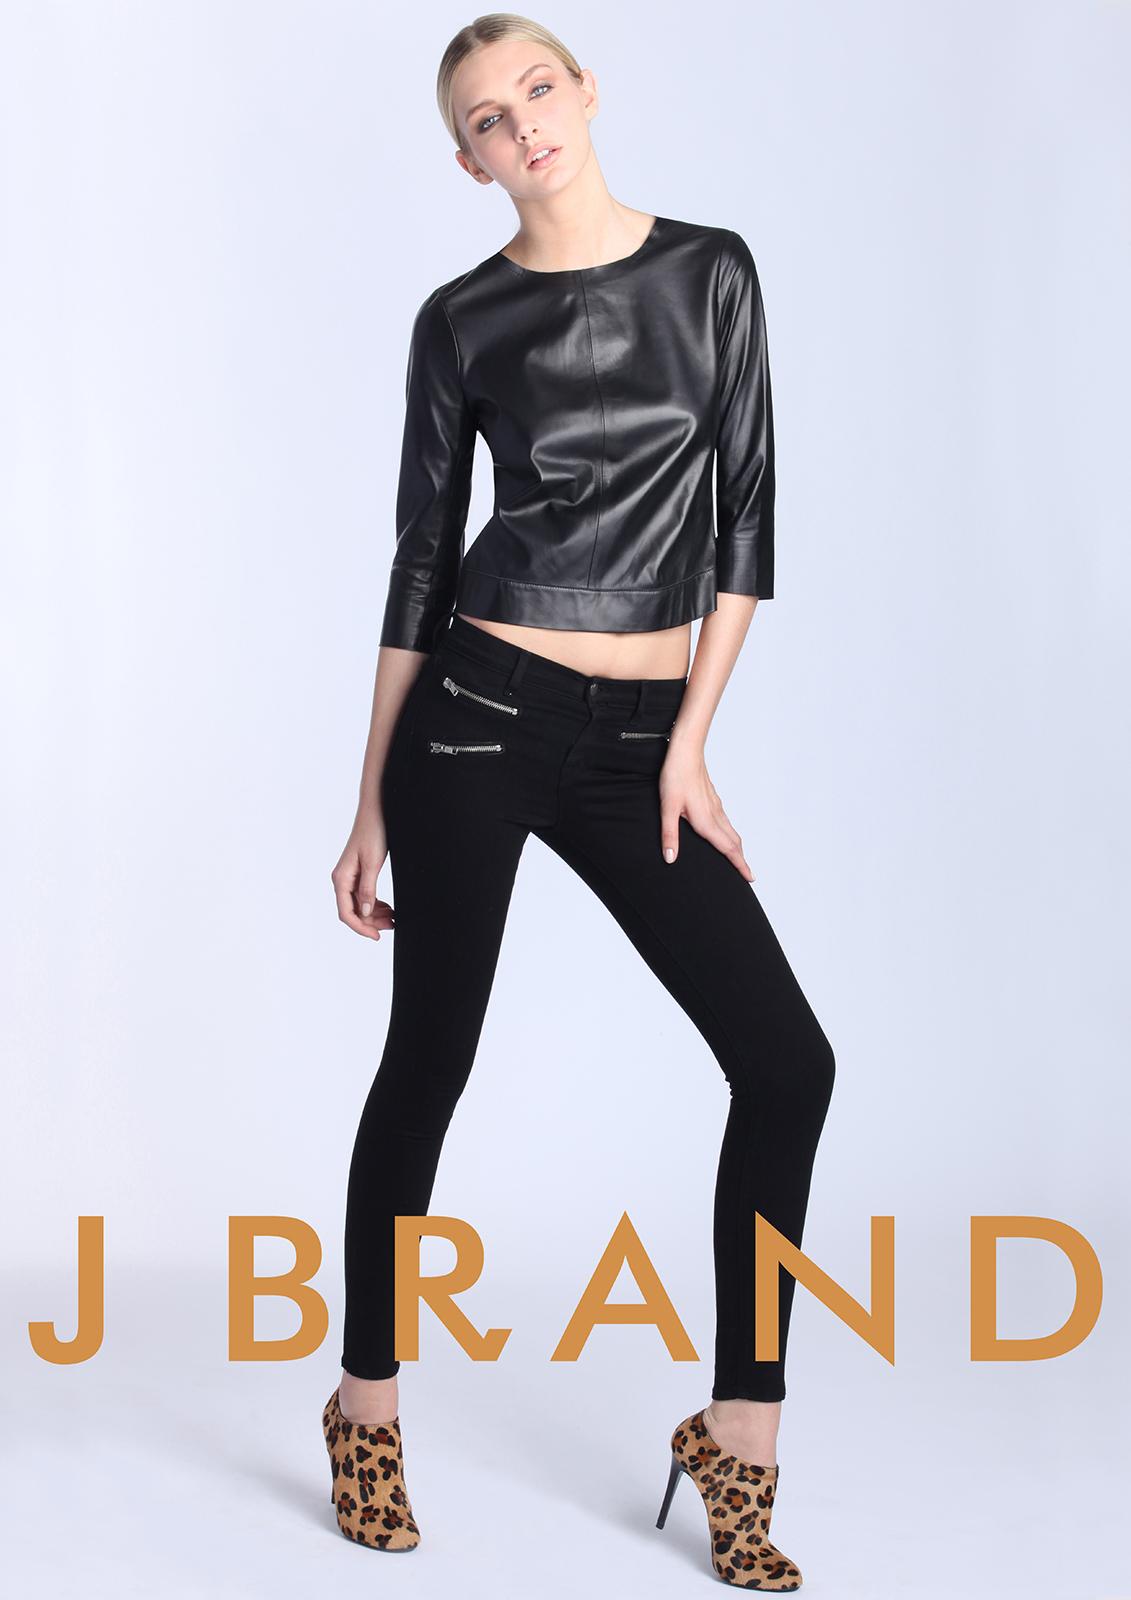 Jbrand 07